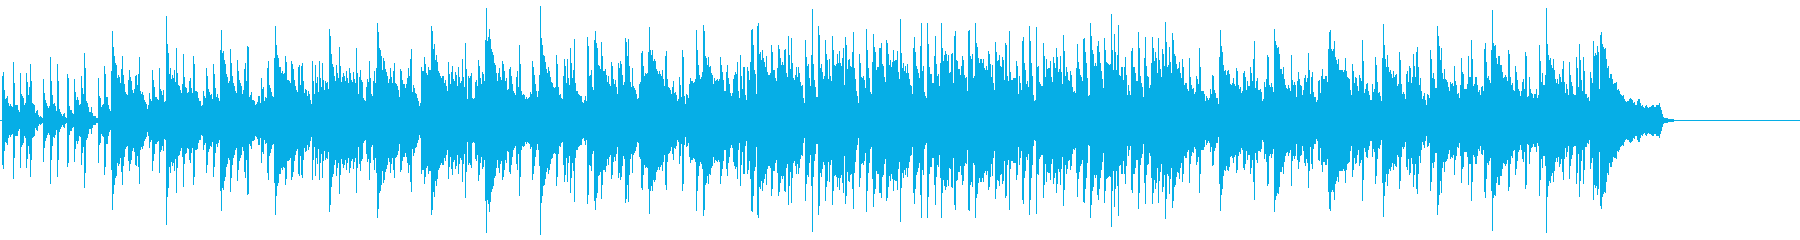 リラックスしたフュージョンのポップスの再生済みの波形